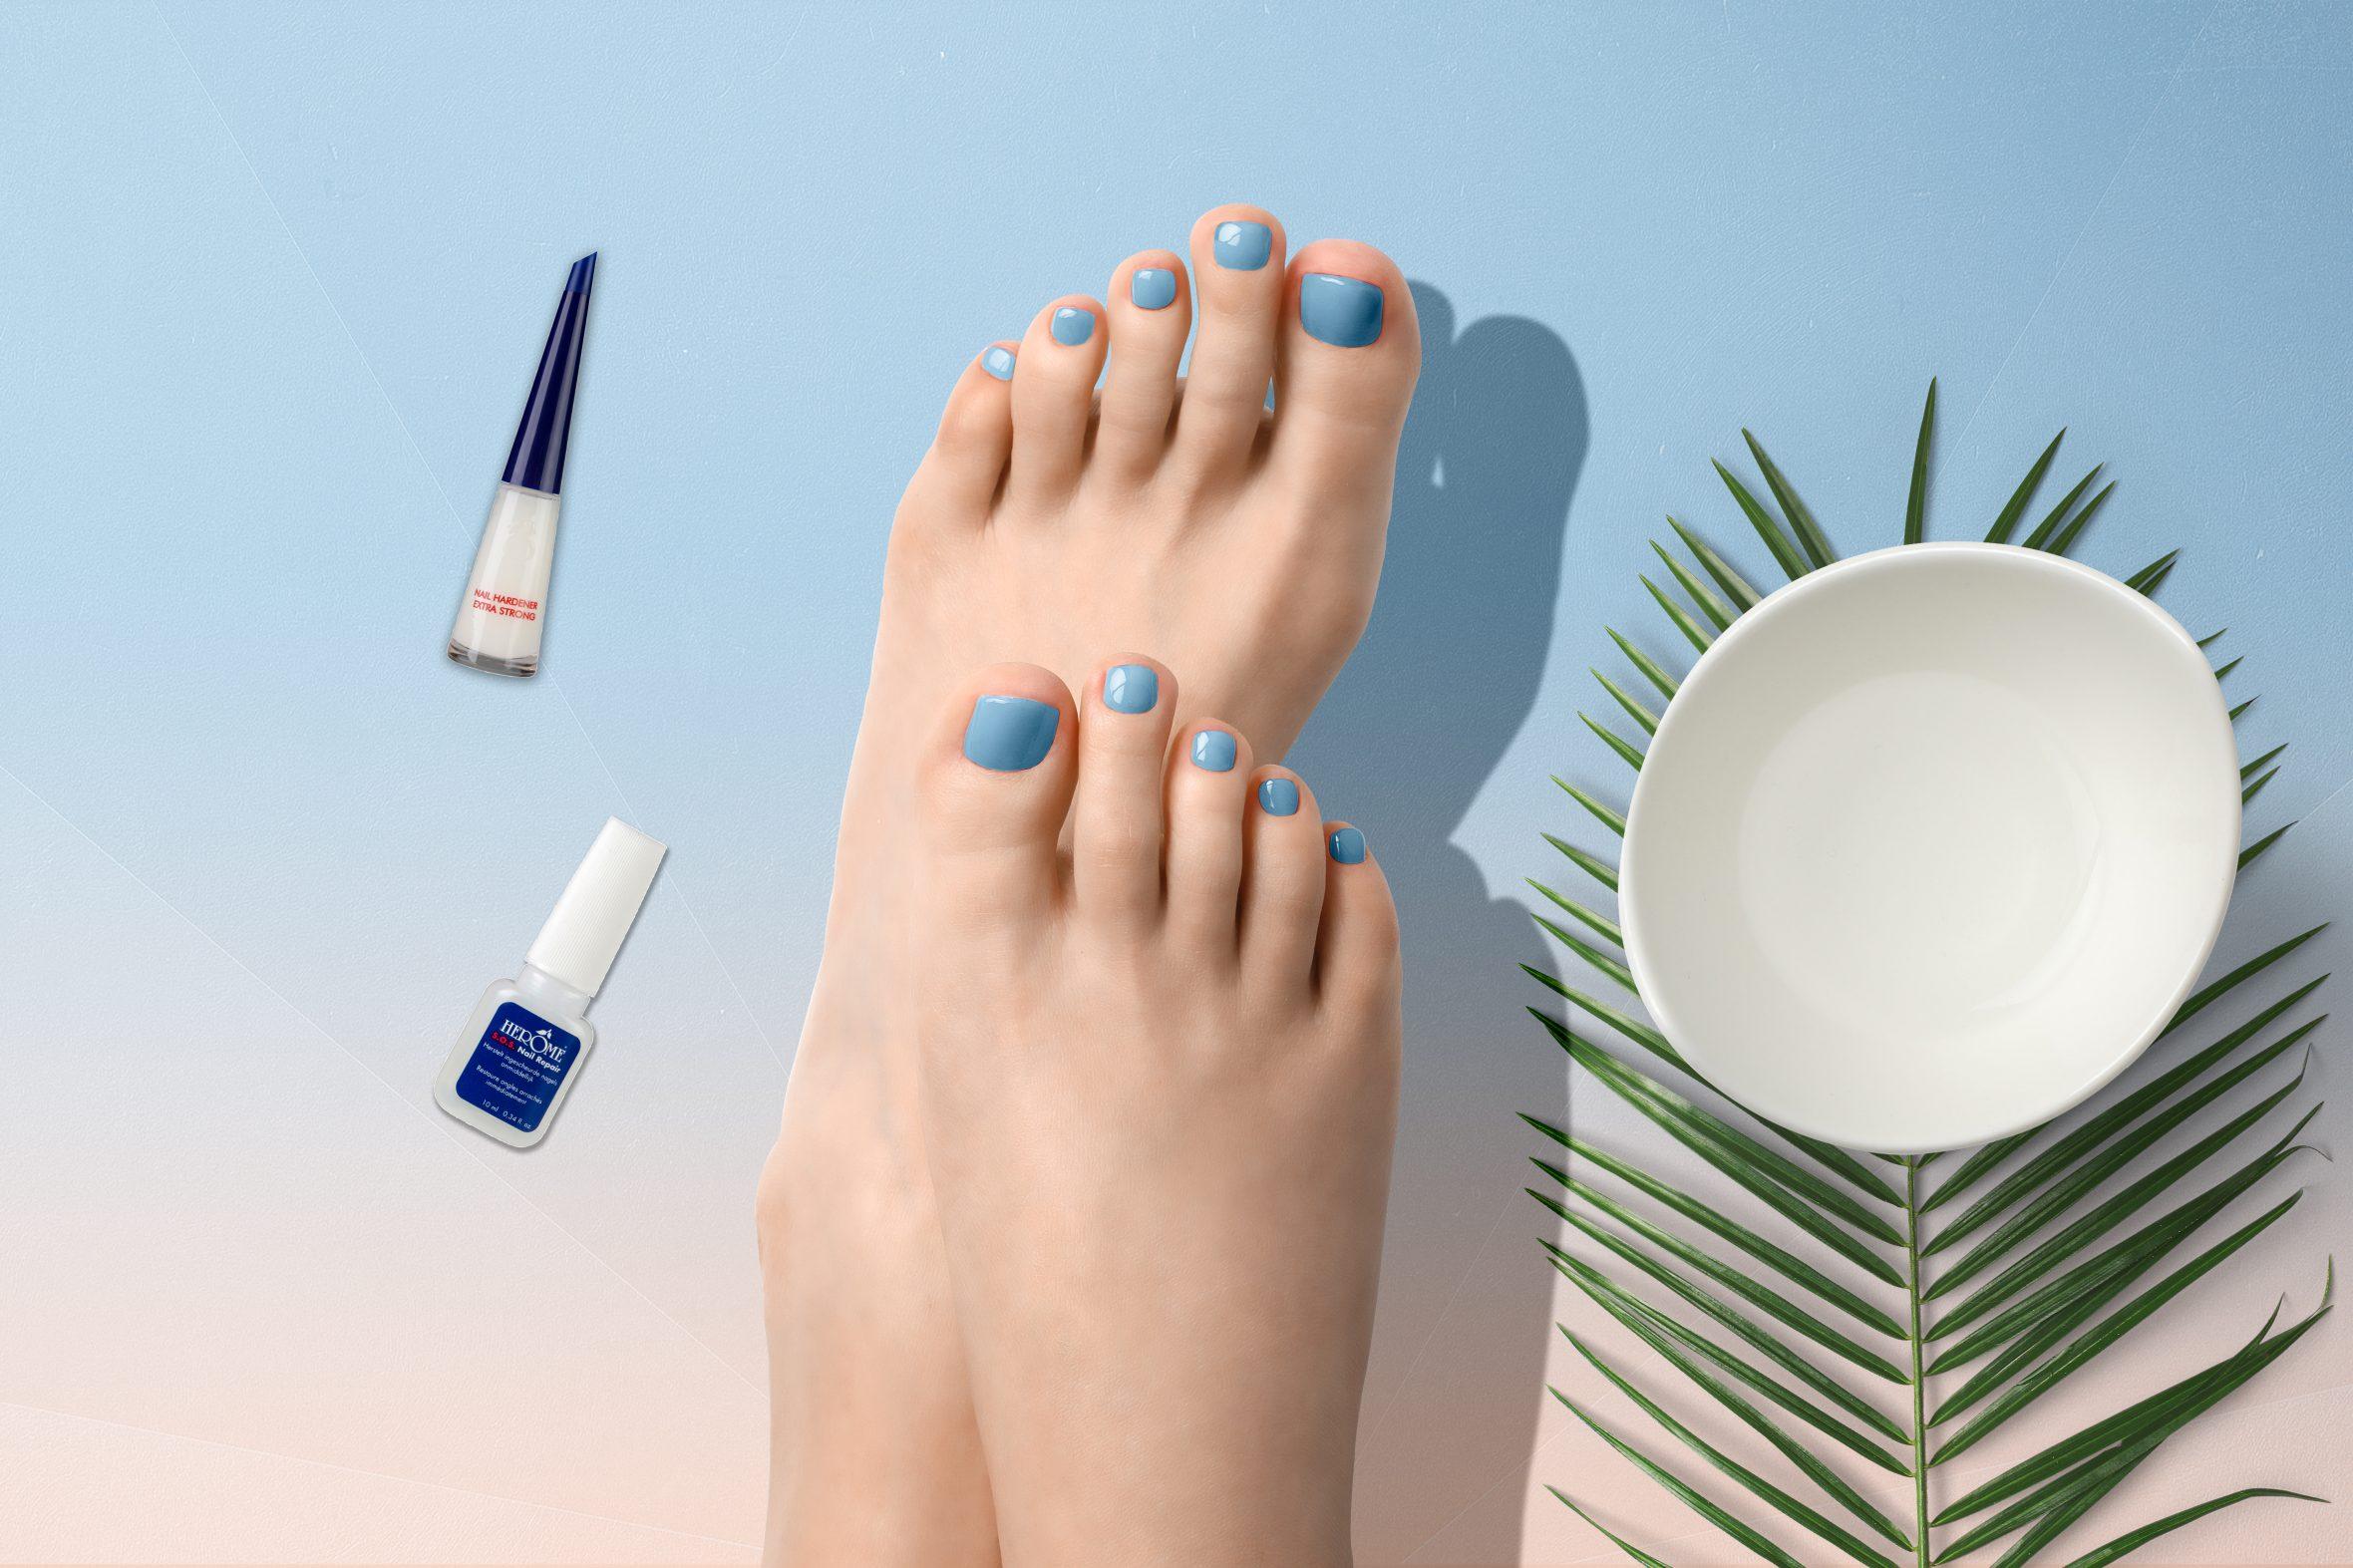 Blauwe nagellak van Herôme voor je pedicure zomer